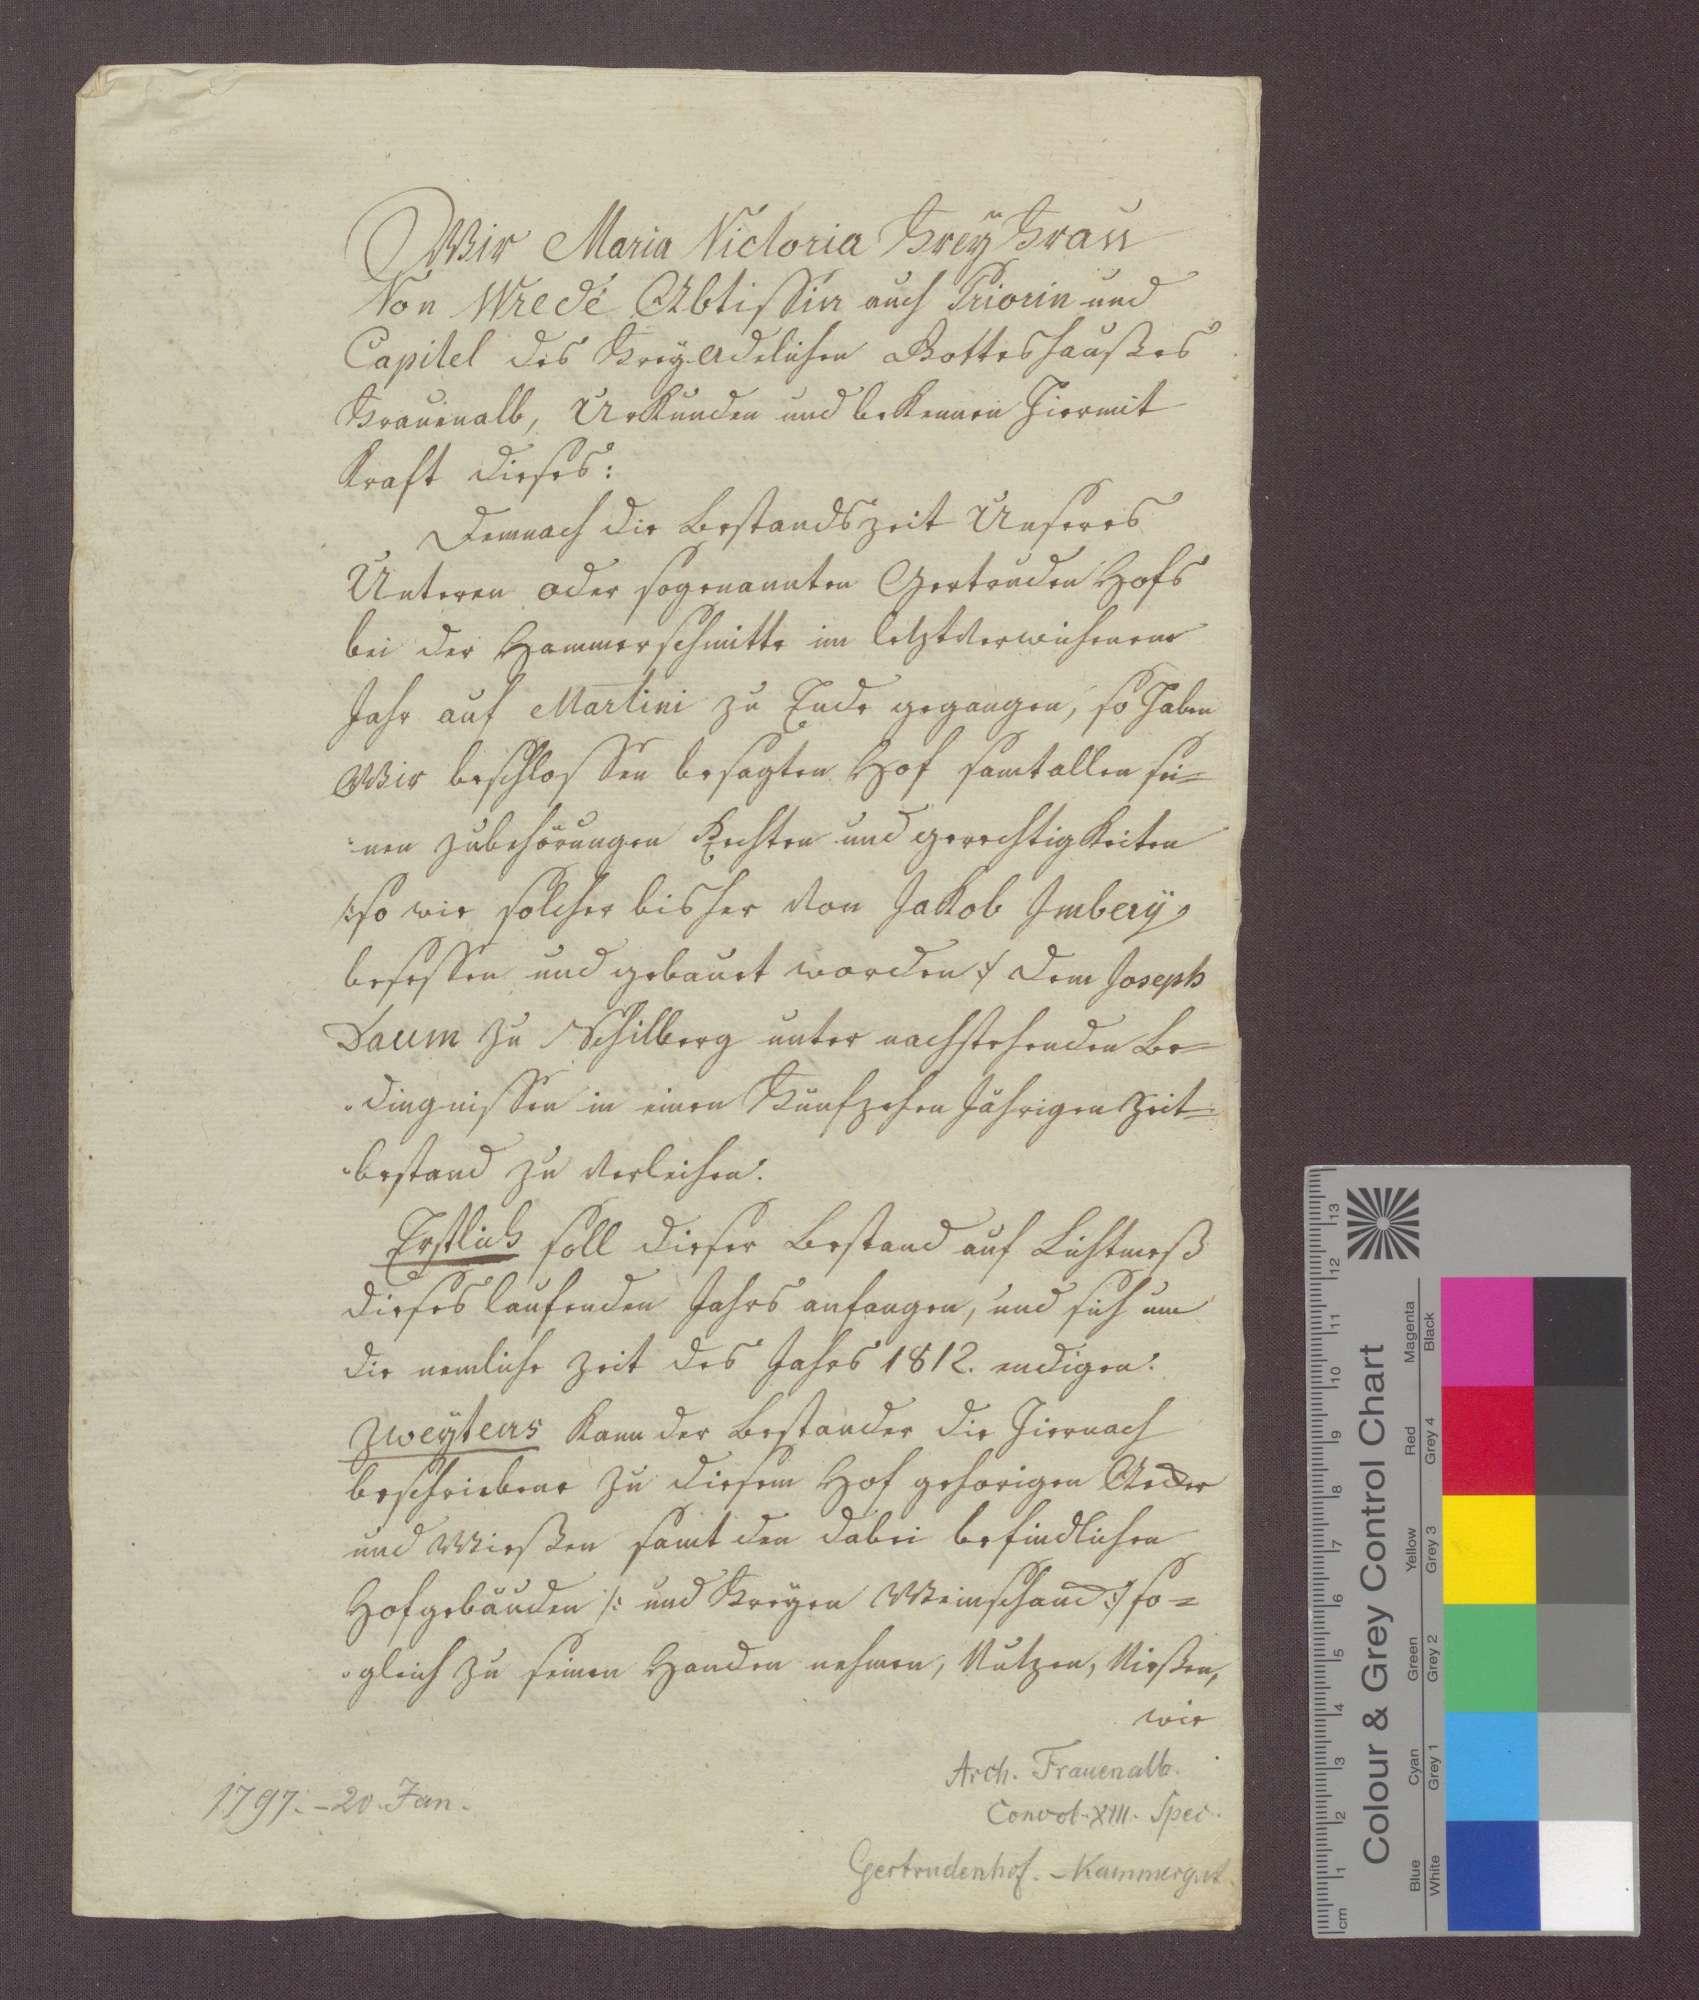 Das Kloster Frauenalb verleiht dem Joseph Daum von Schielberg den unteren oder so genannten Gertrudenhof auf fünfzehn Jahre., Bild 1